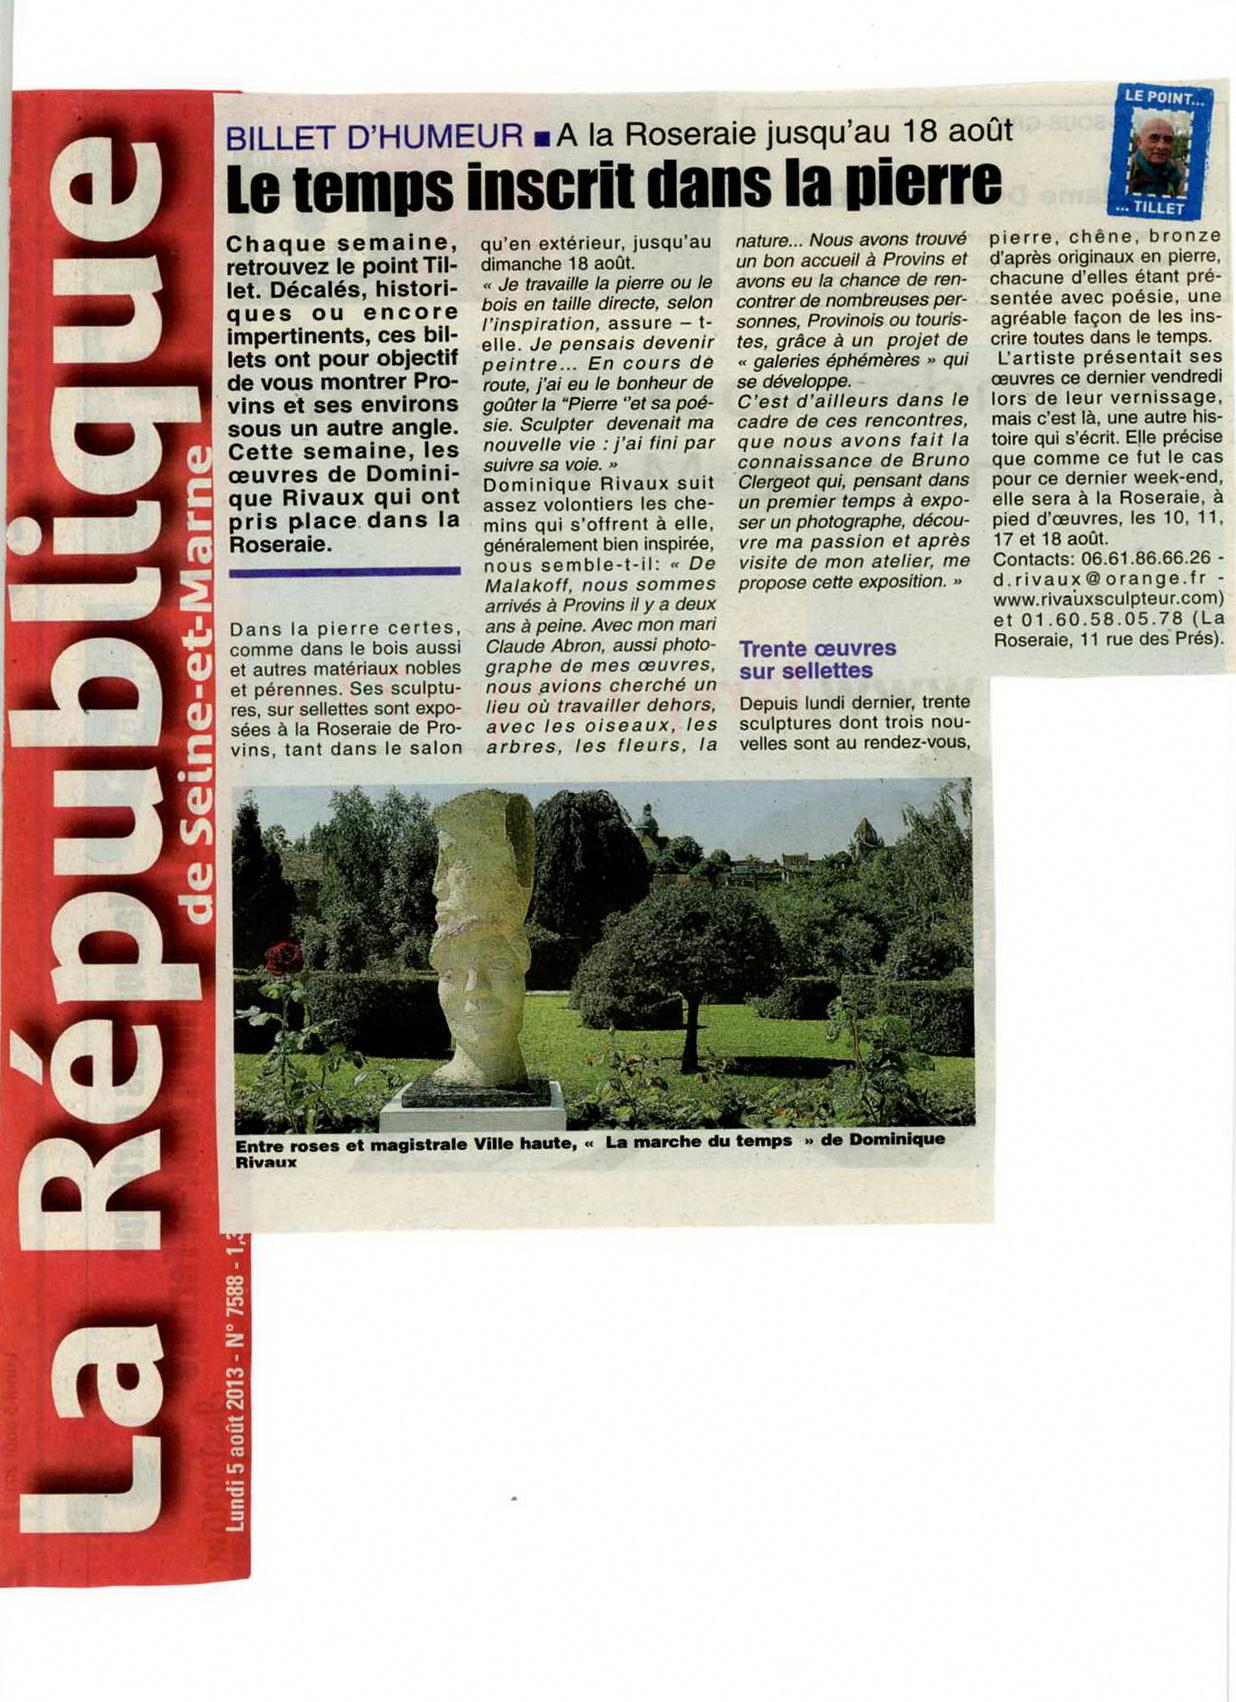 Article de Rémy Tillet